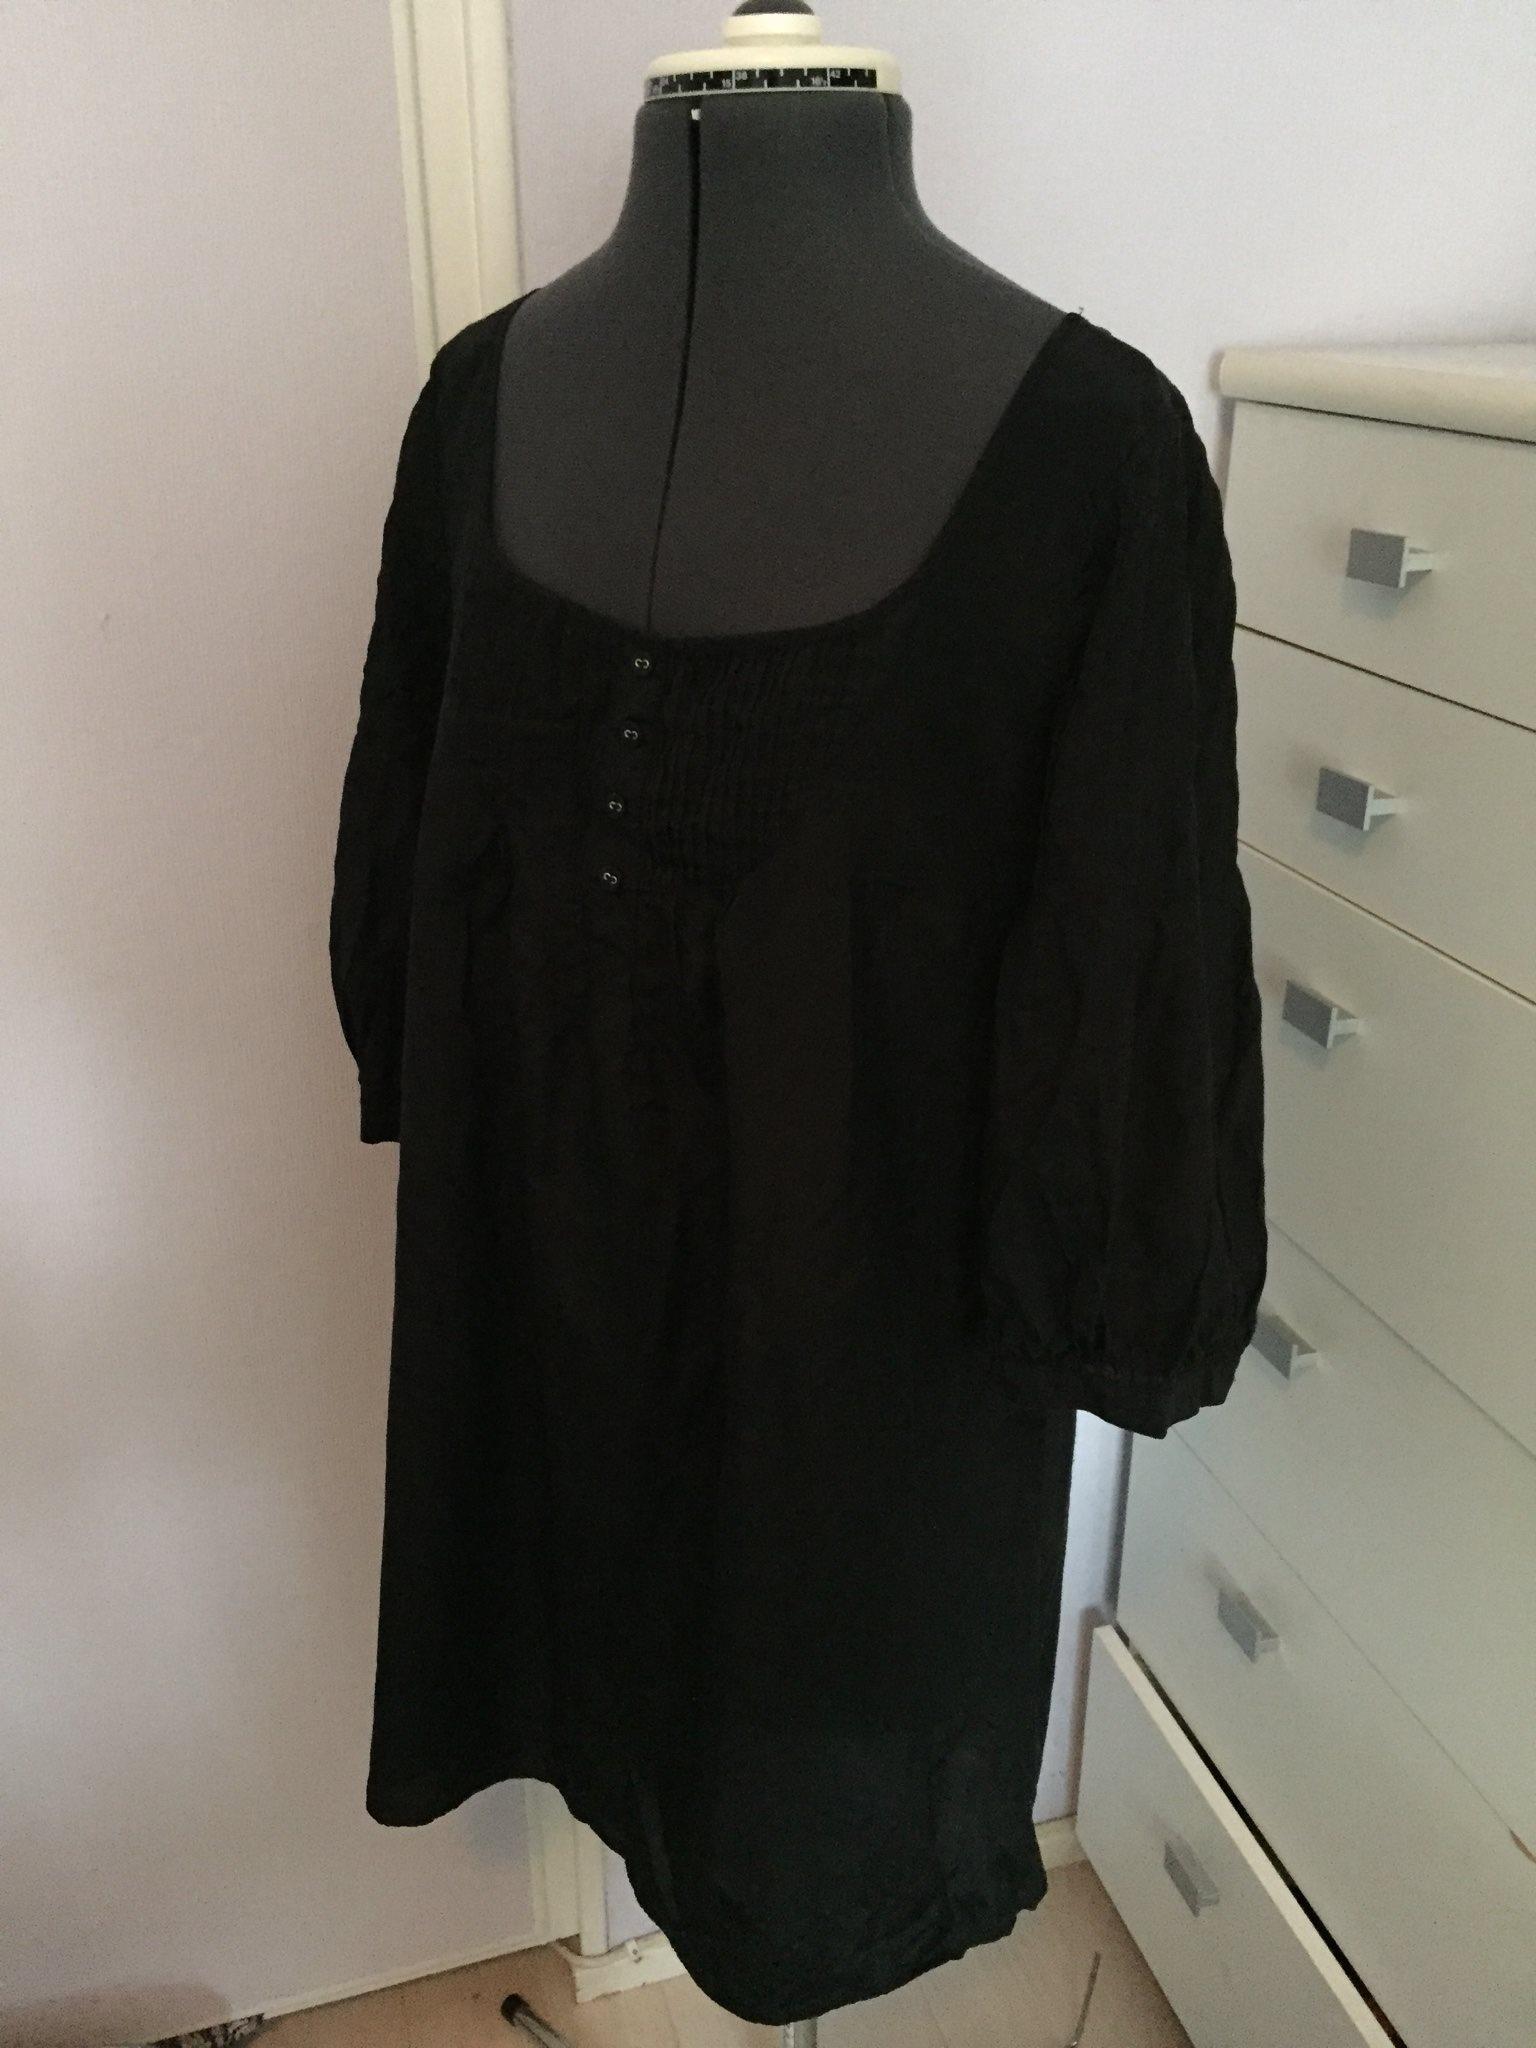 svart klänning lång ärm